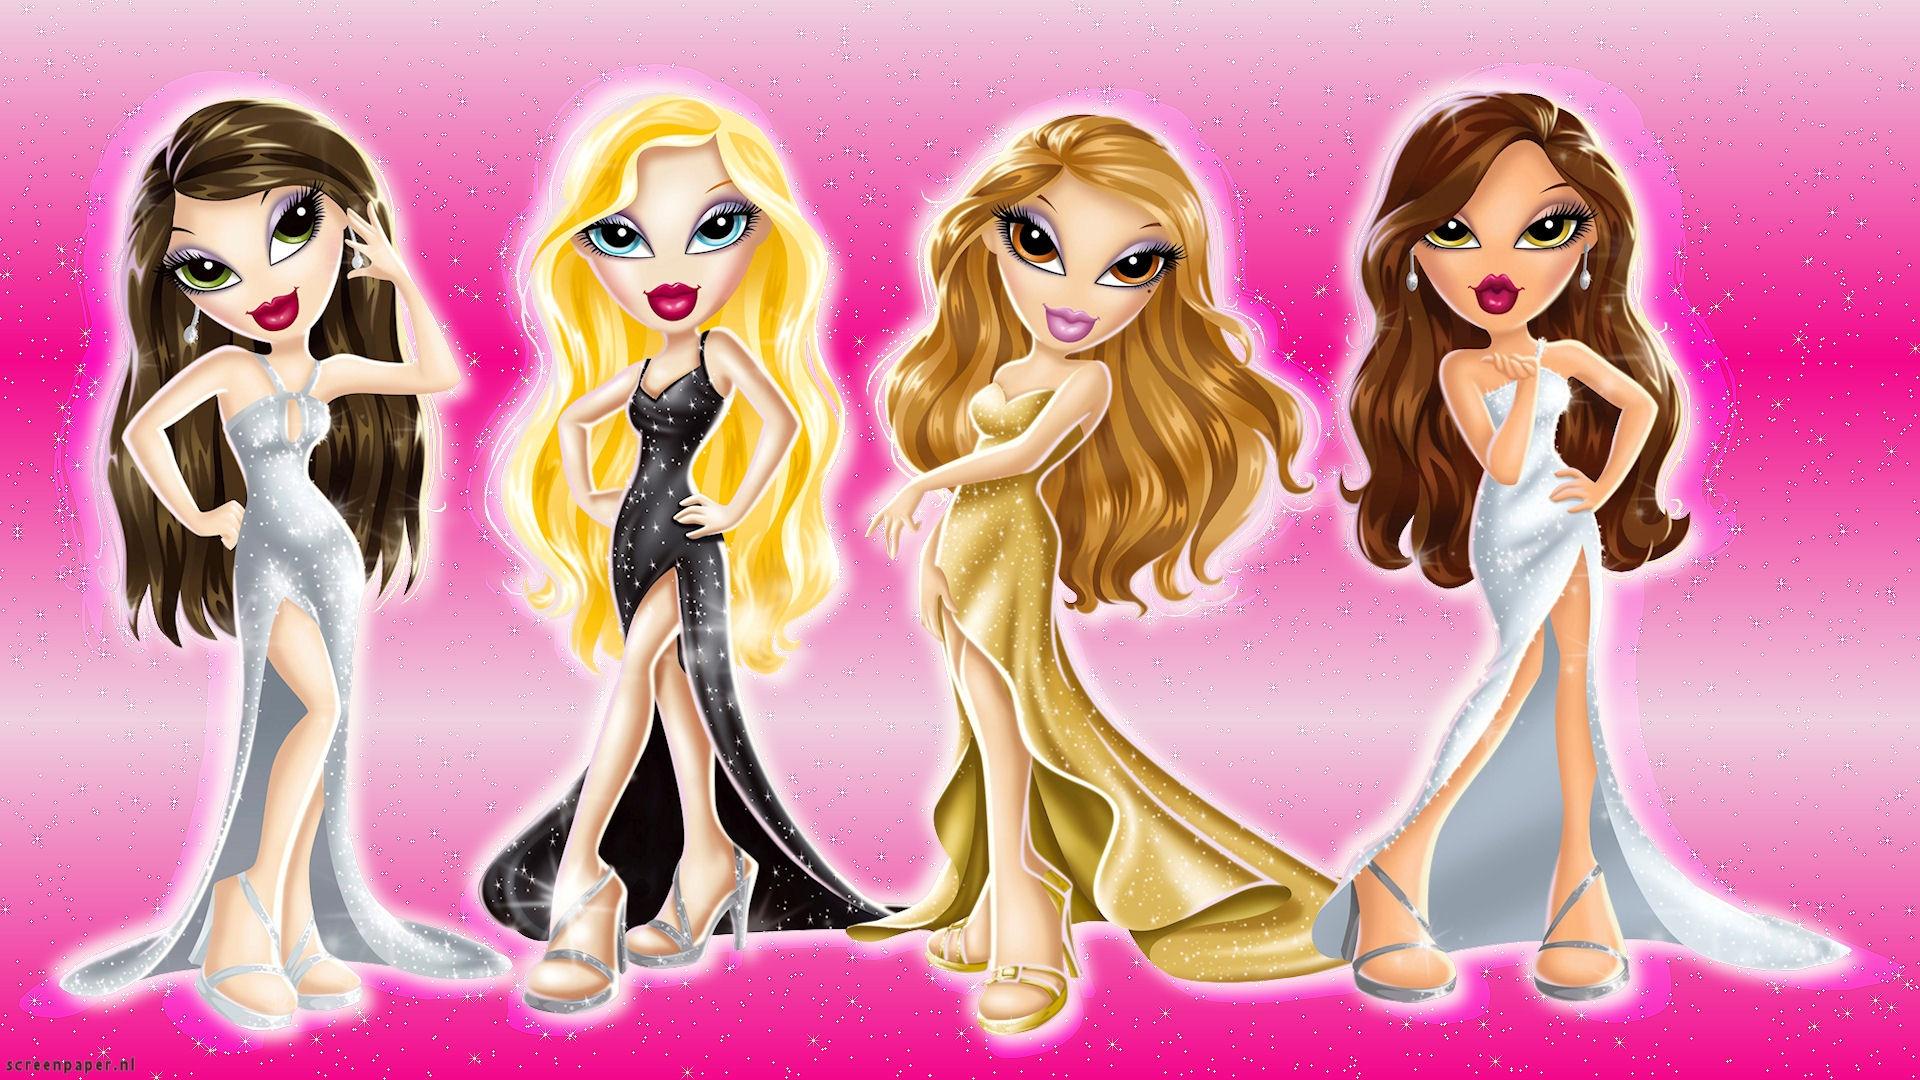 Cute Barbie Doll Wallpapers For Mobile Bratz Hd Wallpaper Pixelstalk Net